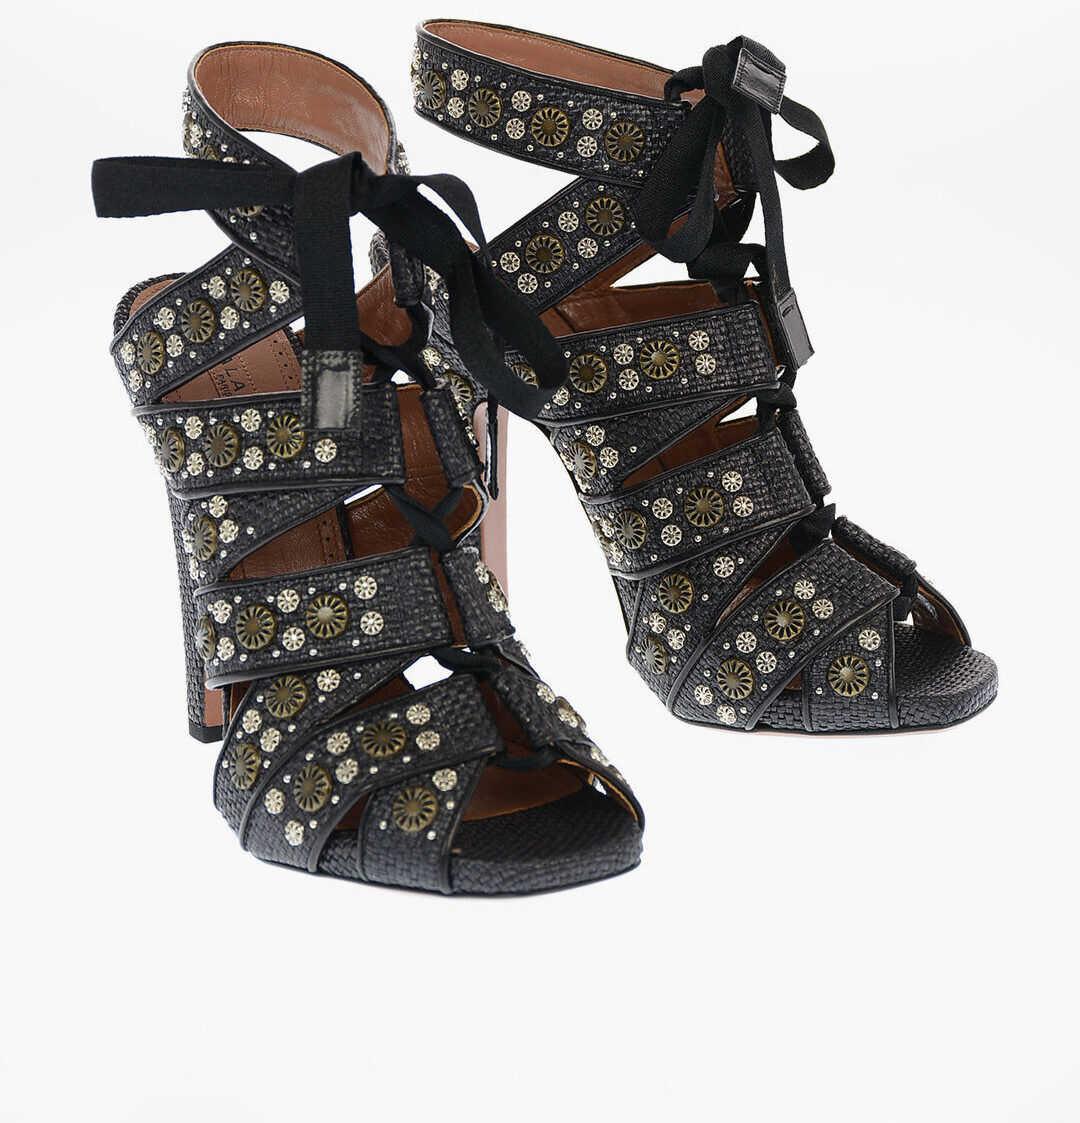 Alaïa Straw Sandals with Jewel Studs Applied 12cm BLACK imagine b-mall.ro